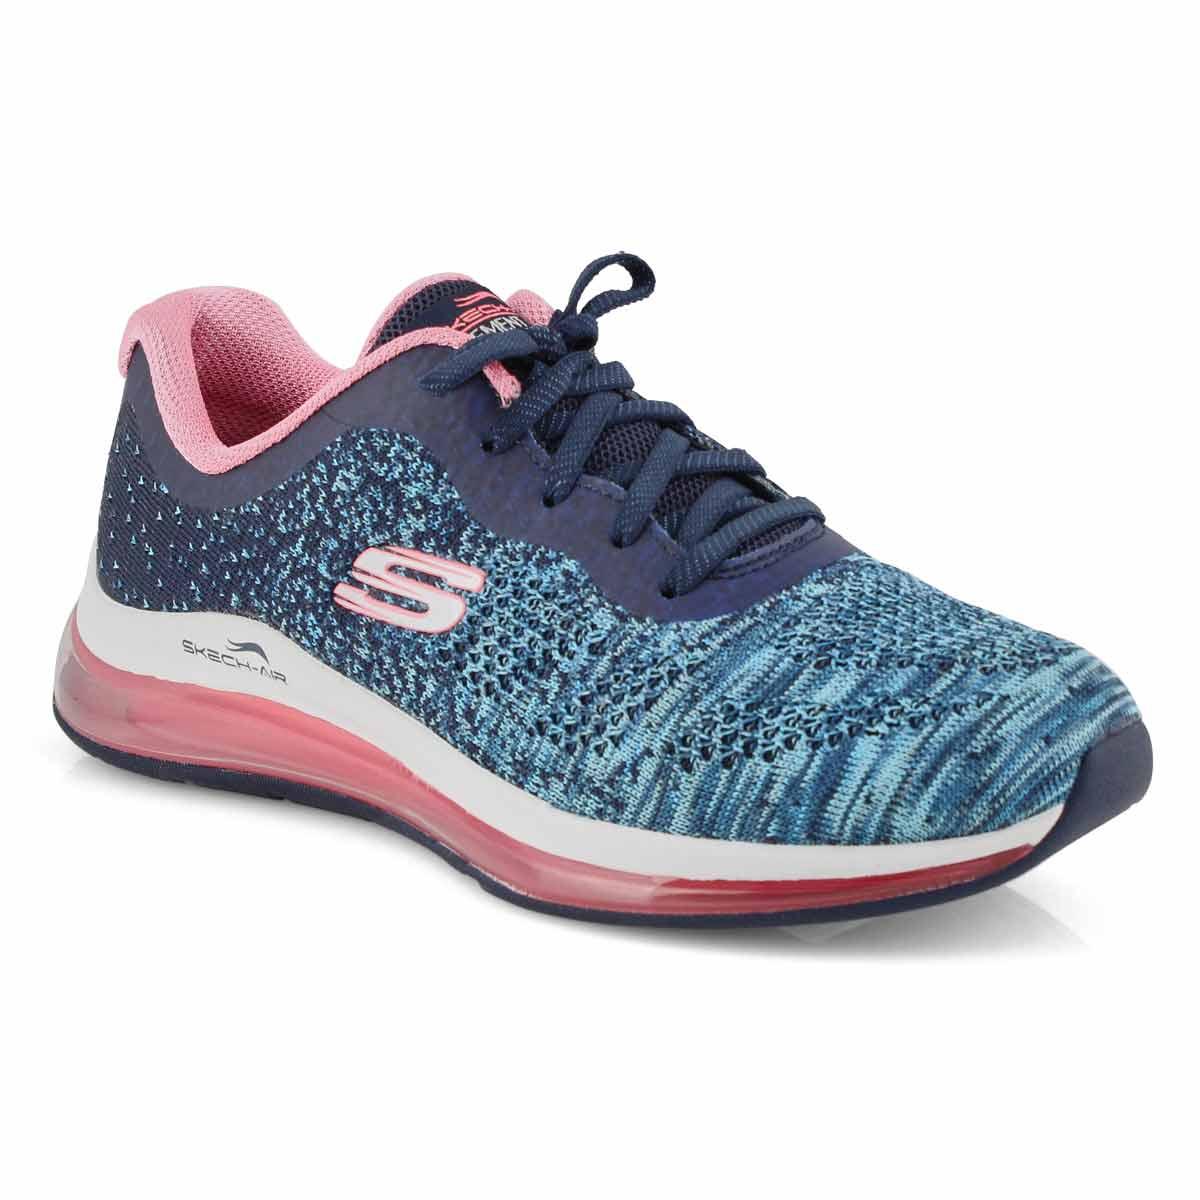 Lds Skech-Air Element 2.0 nvy/pk sneaker